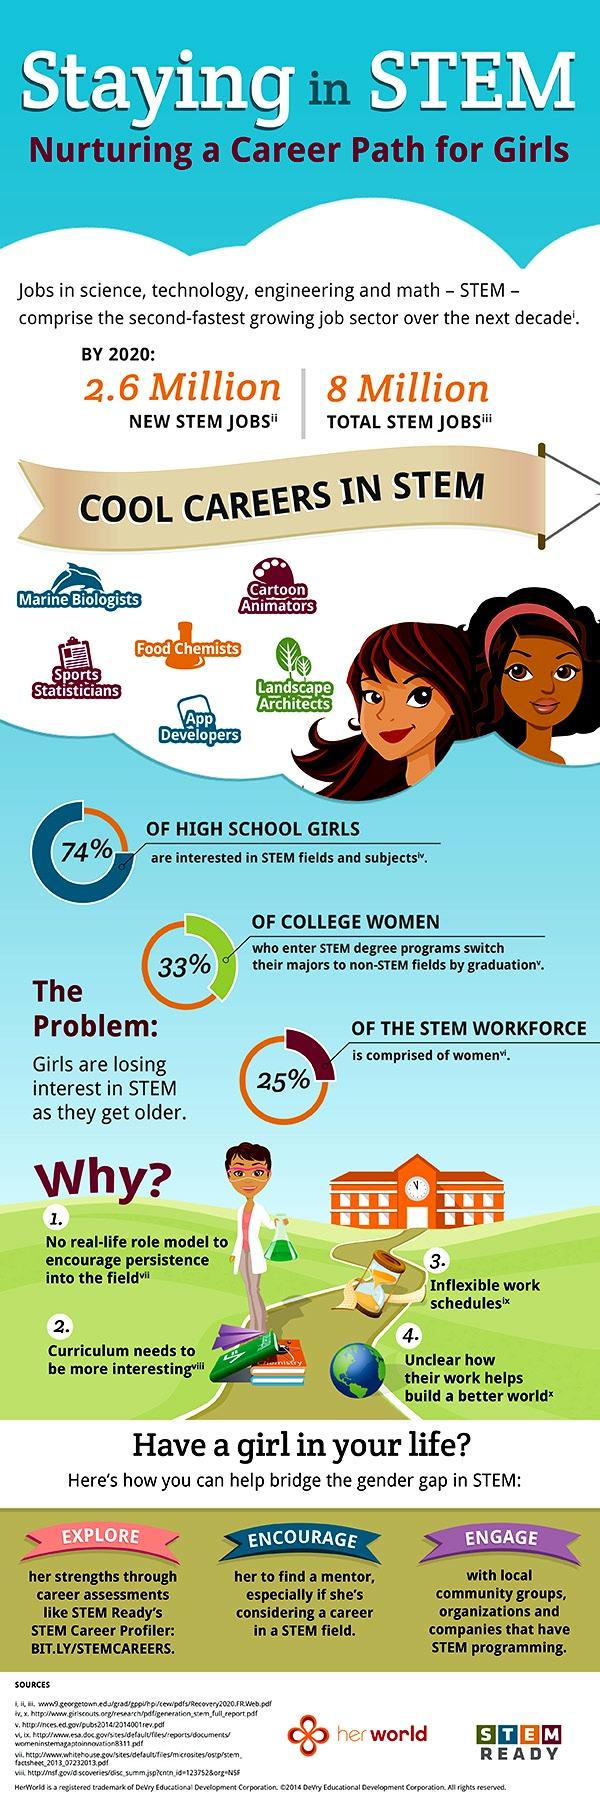 HerWorld Infographic